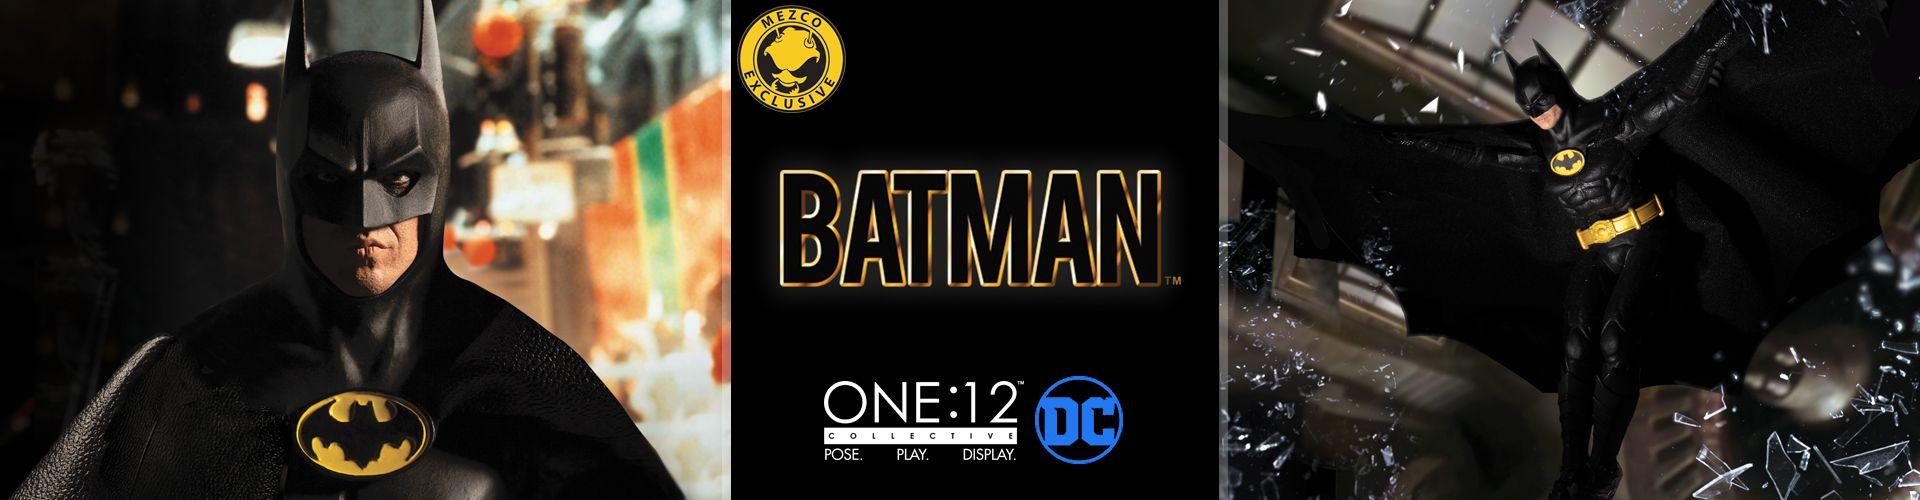 Mezco Toyz Finally Announces Batman 1989 As Their Next Exclusive